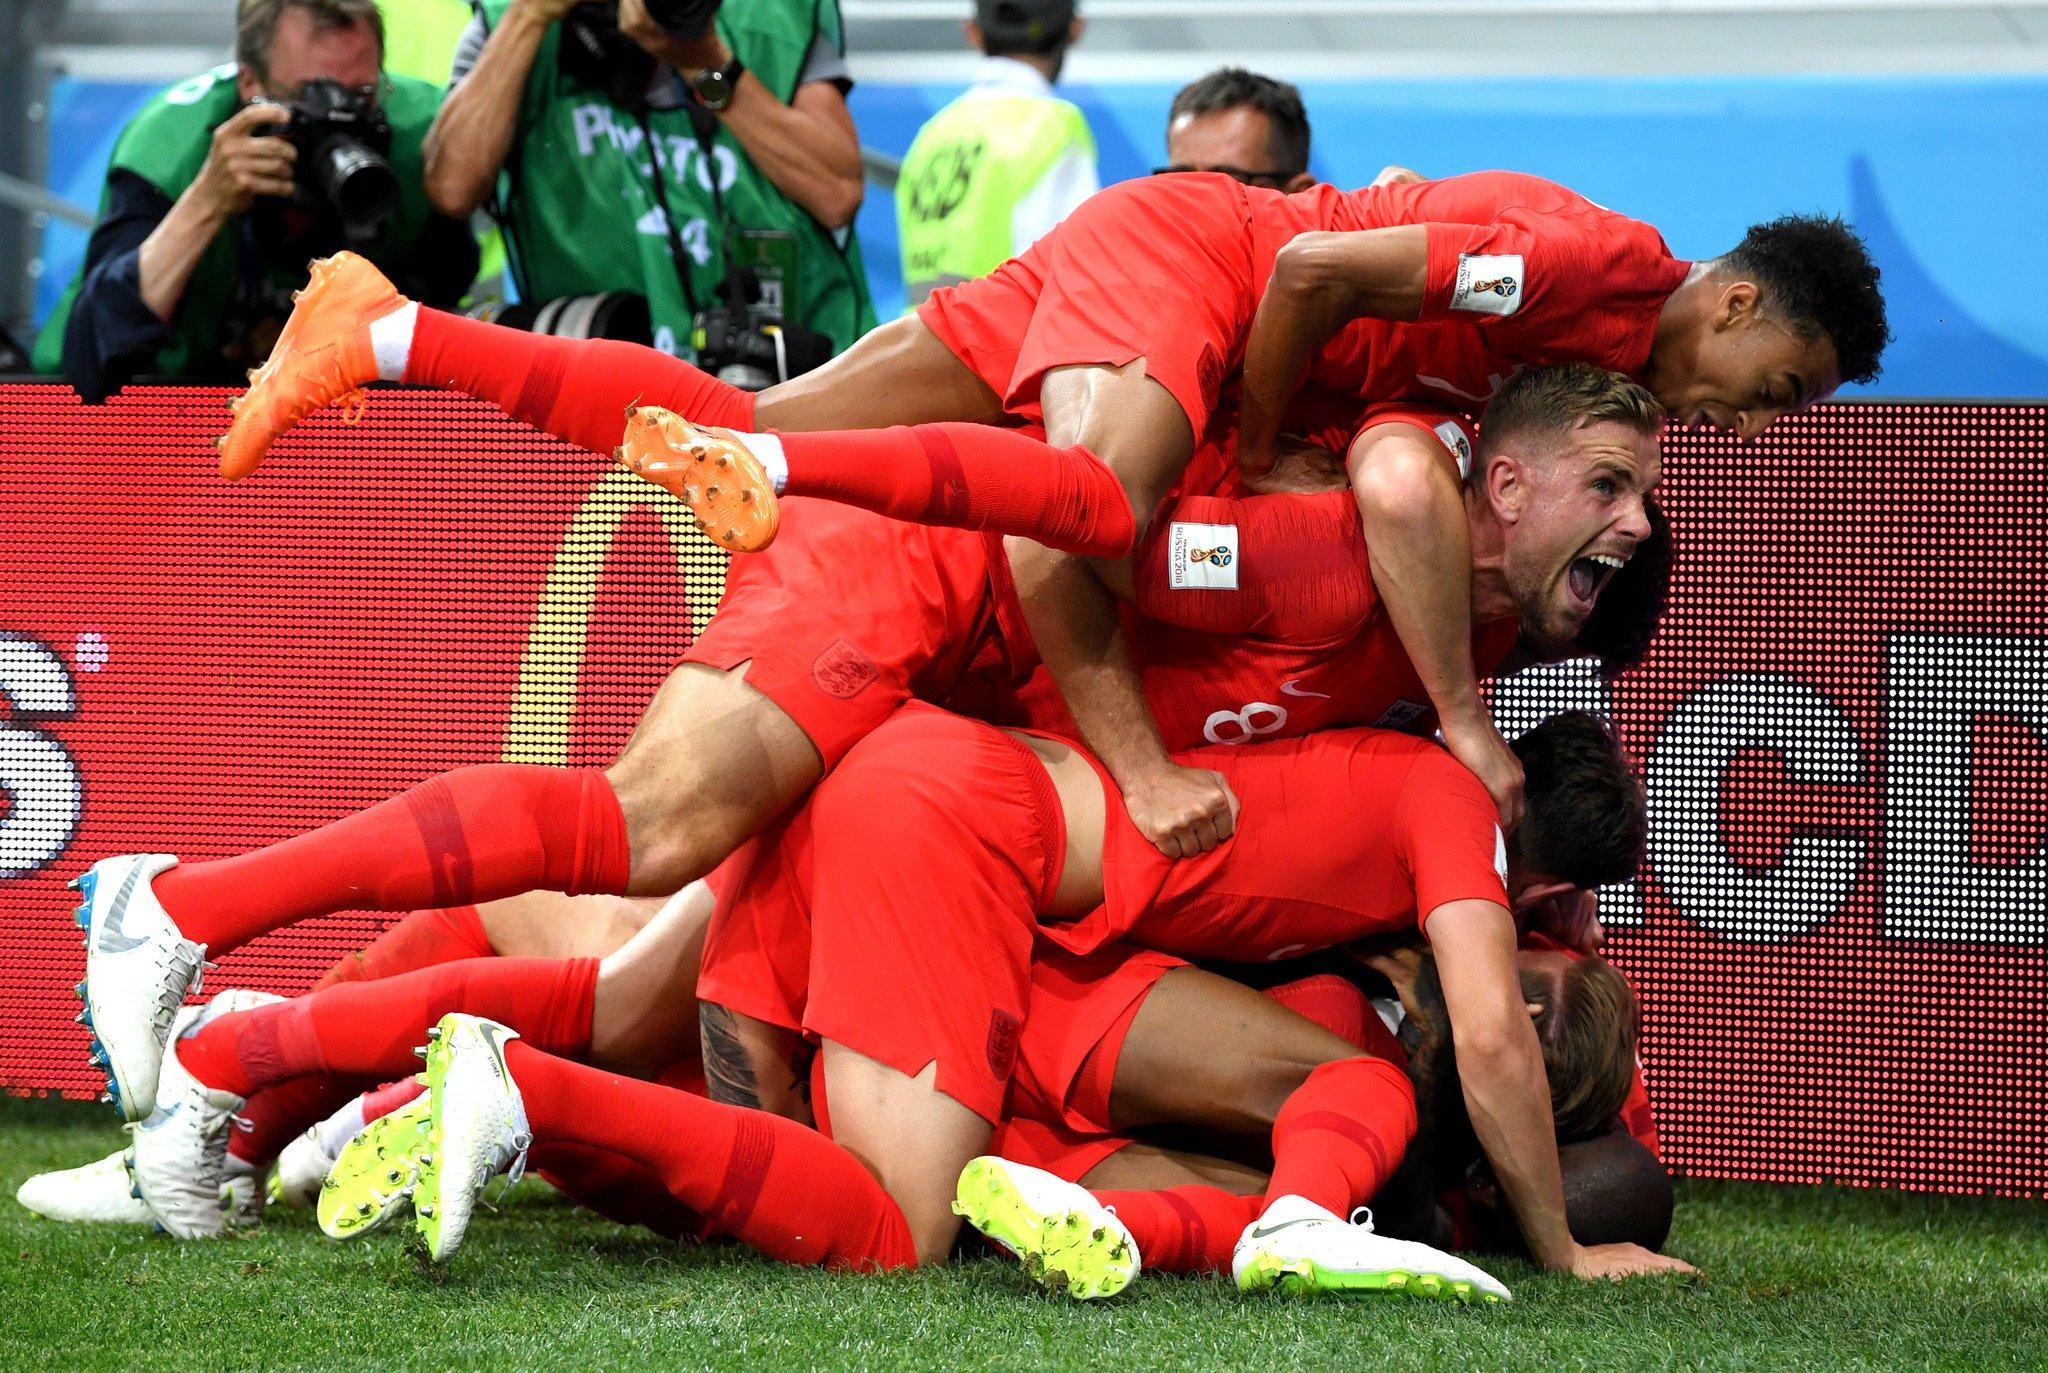 เผยสิงโตสร้างประวัติศาสตร์ ยิงประตูชัยช่วงทดเจ็บครั้งแรกบอลโลก